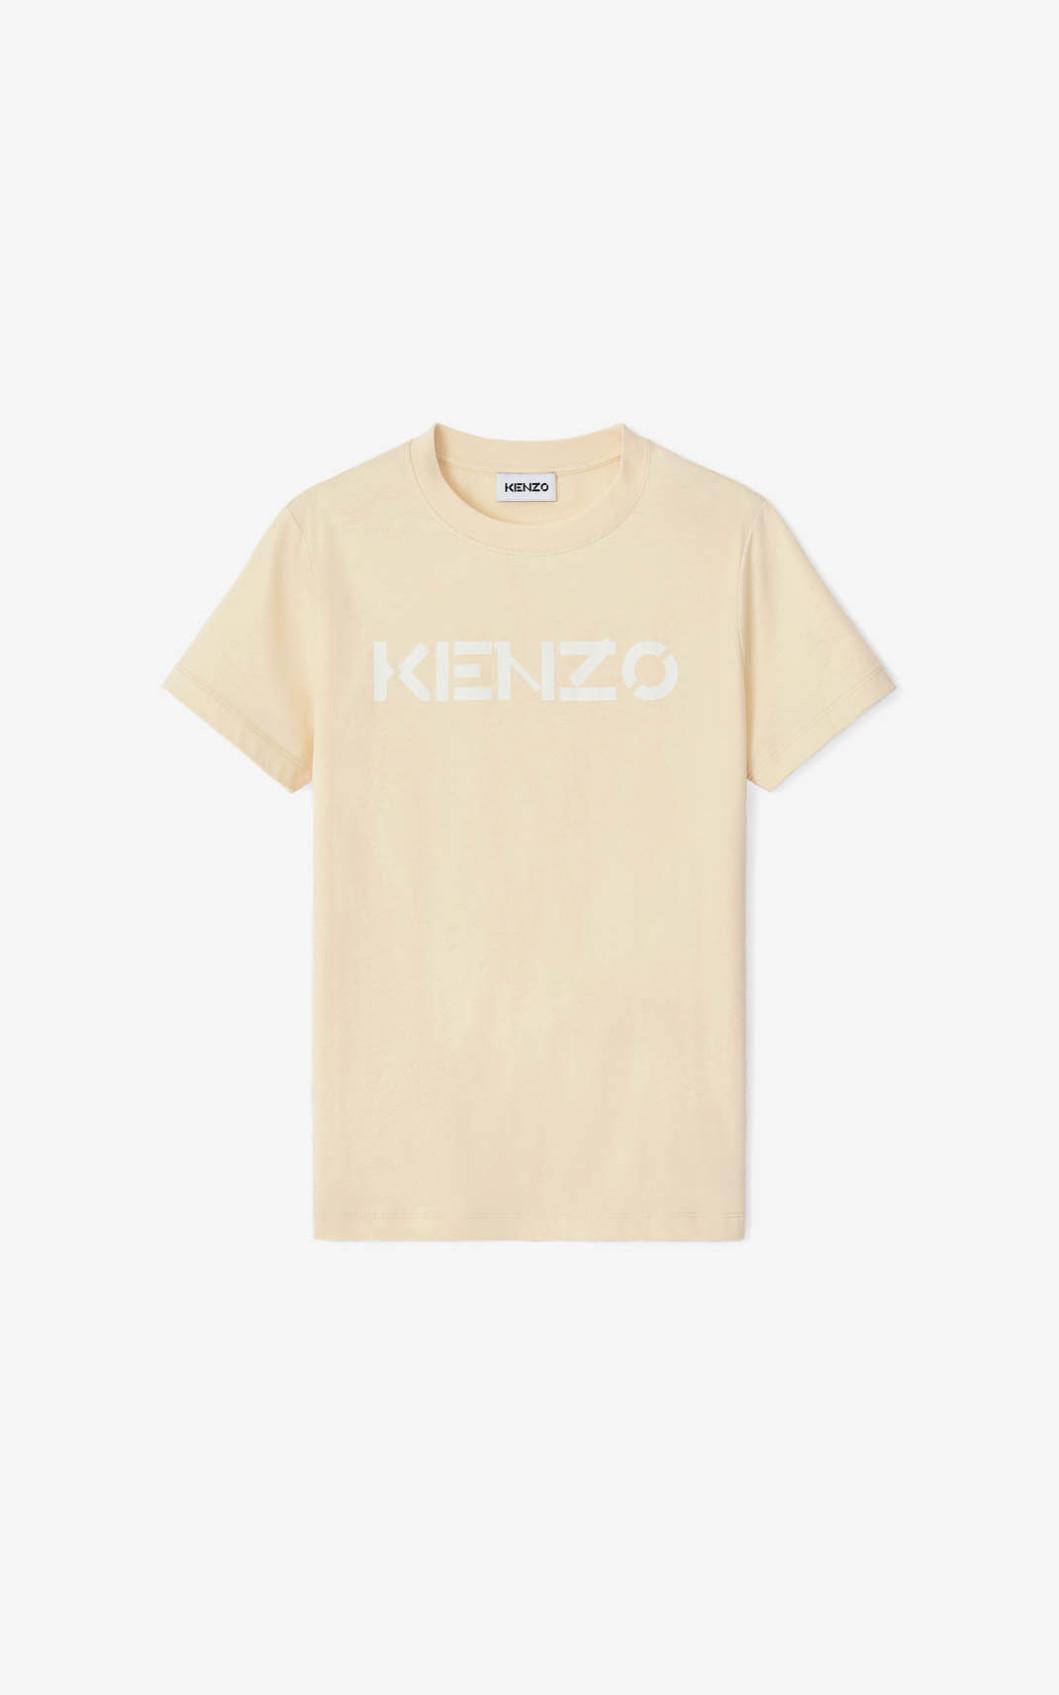 KENZO T-shirt KENZO Logo